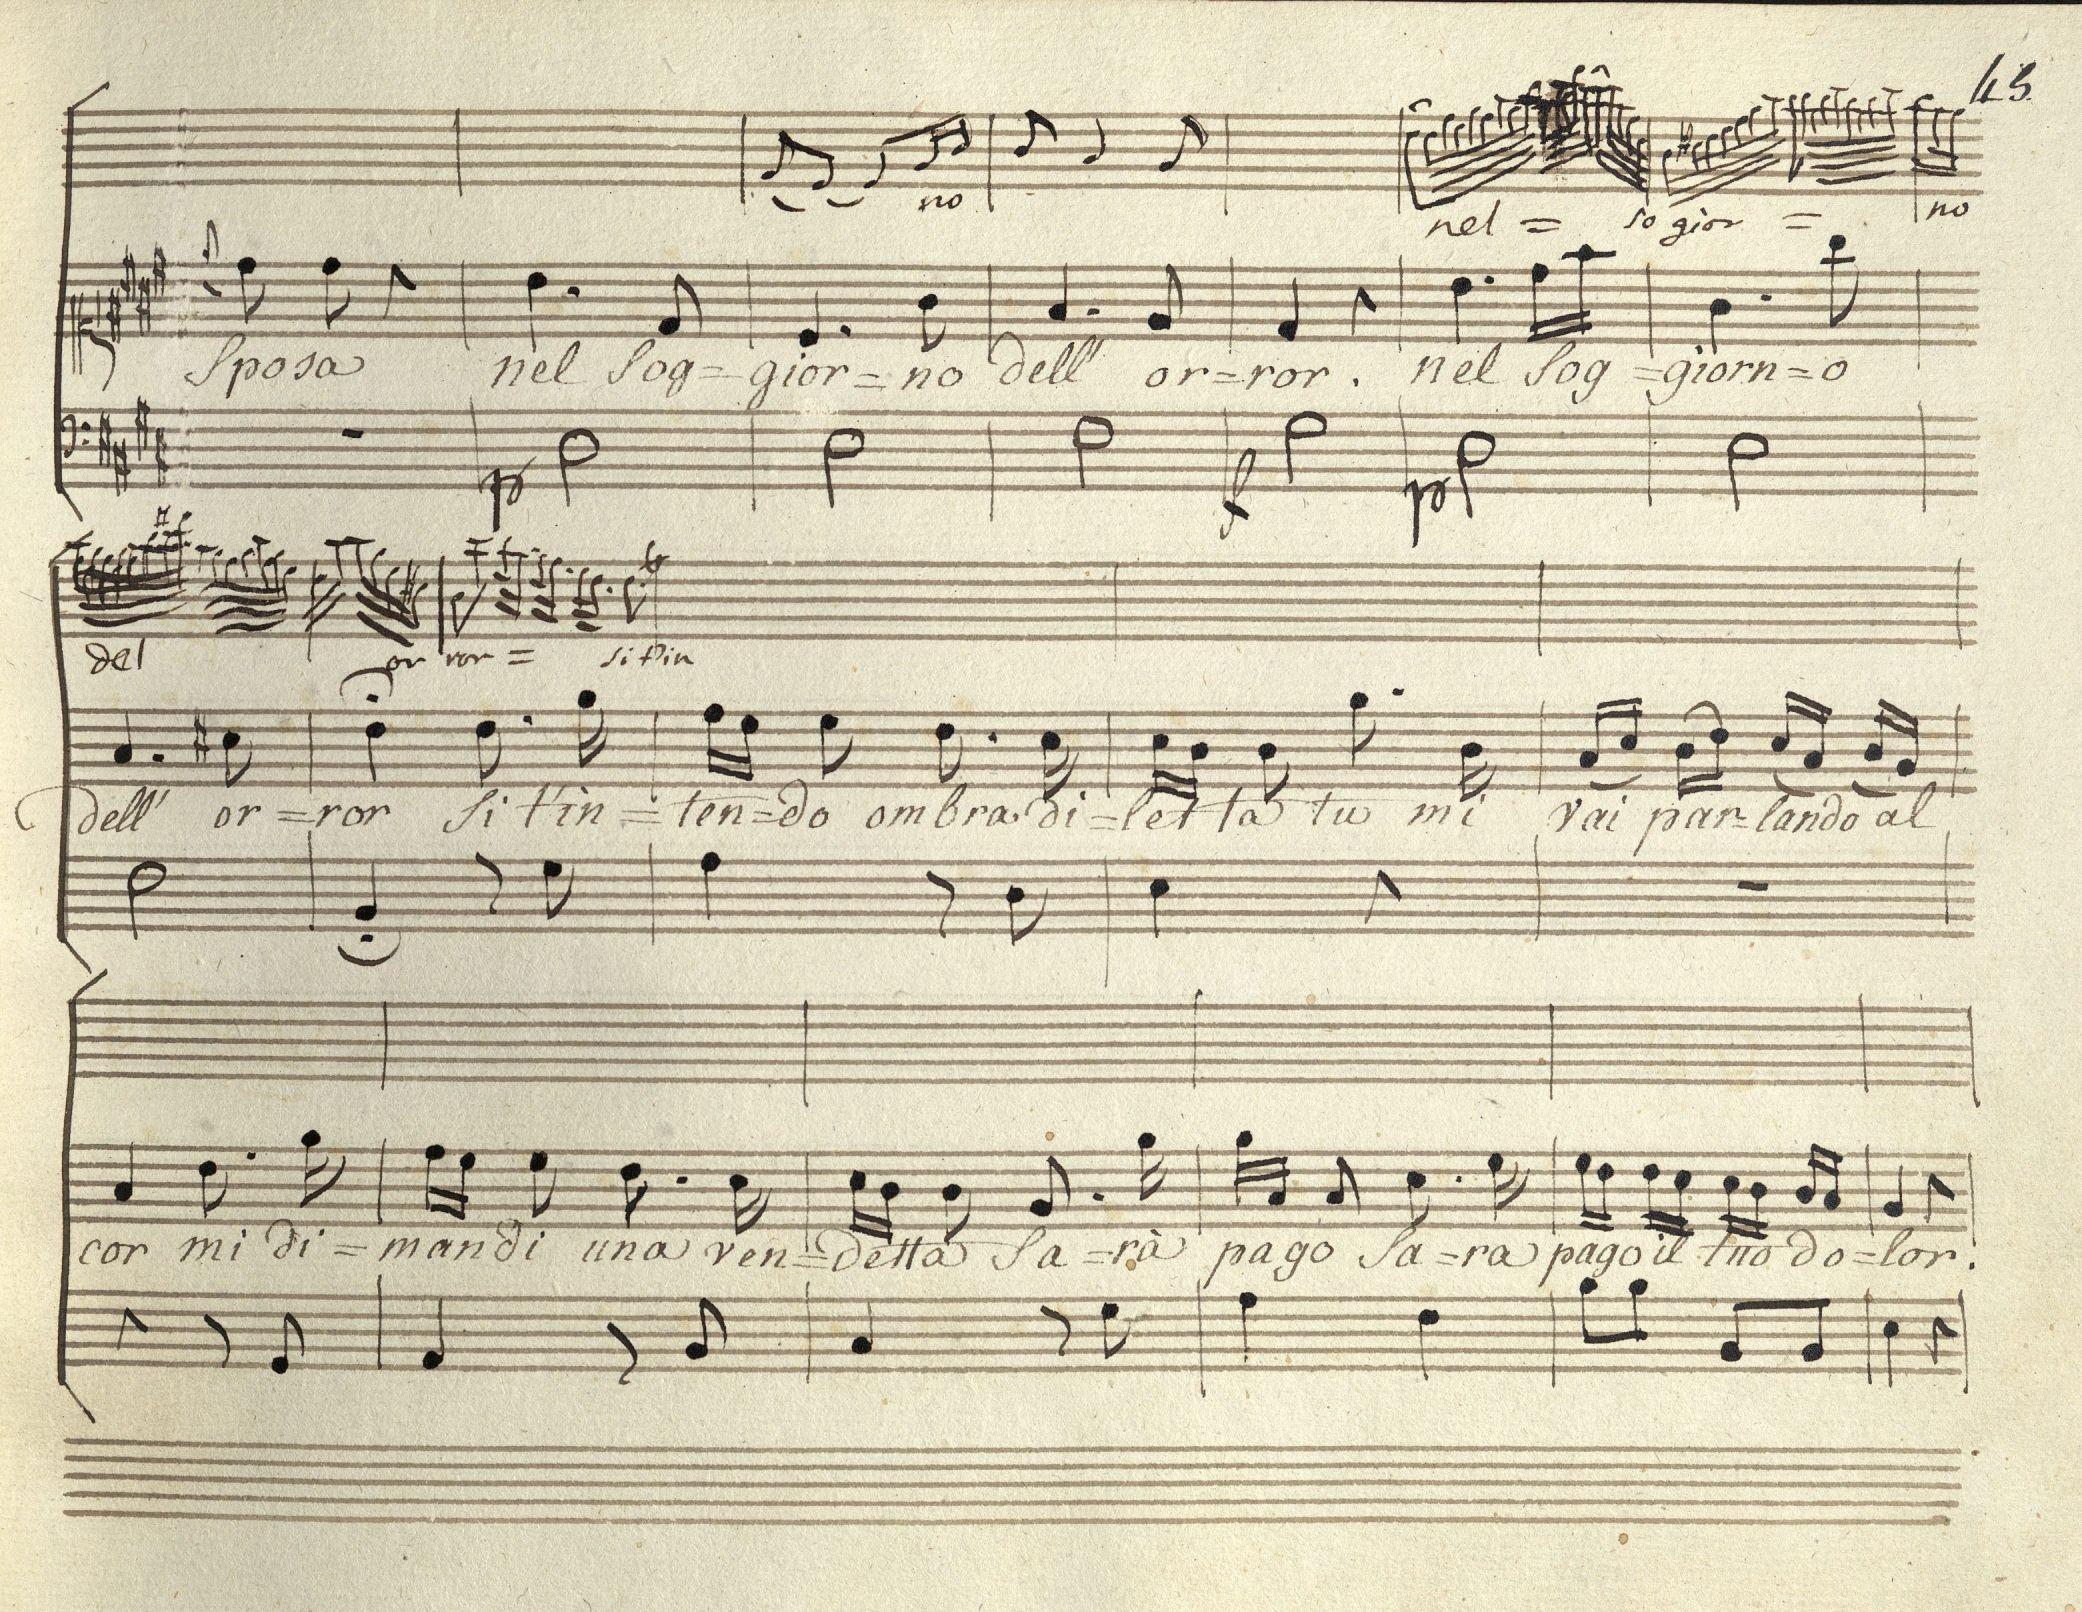 2013MT-1 volume 5, p. 45